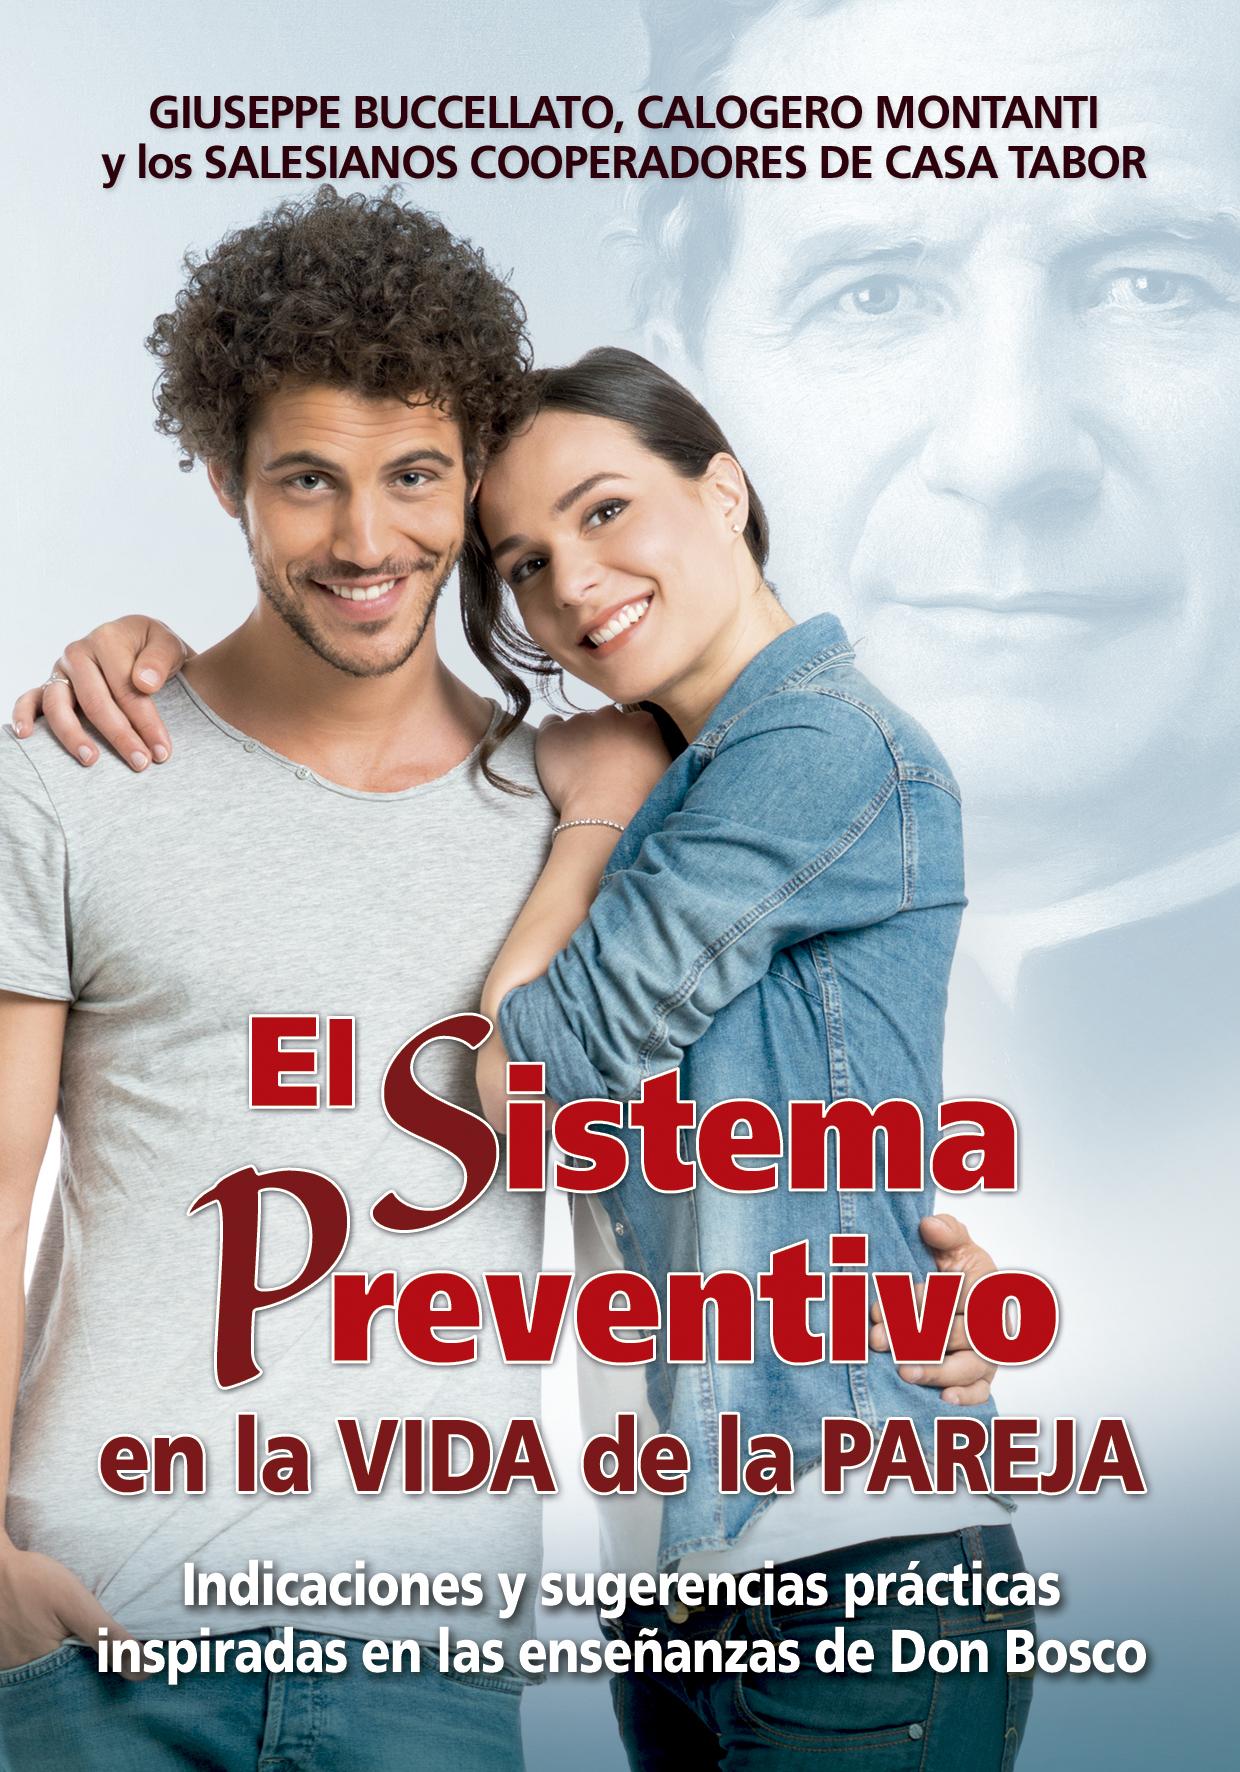 El Sistema Preventivo en la vida de pareja   «Indicaciones y sugerencias prácticas inspiradas en las enseñanzas de Don Bosco»